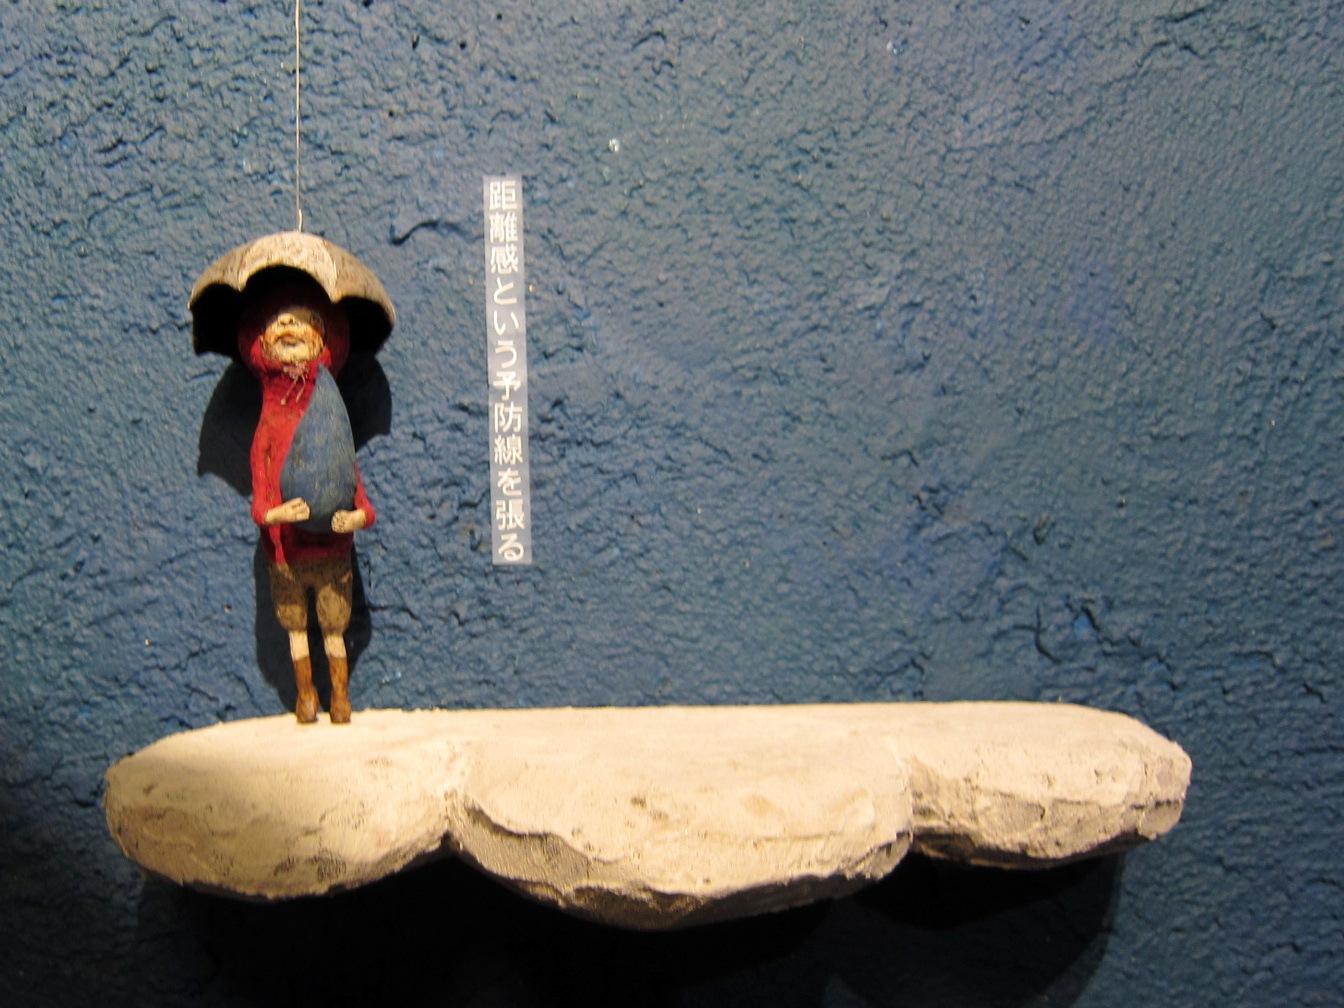 2207)「経塚真代 KEIZUKA MASAYO 造形作品展 『ちいさくて見えない星』」エスキス 9月5日(木)~10月1日(火)_f0126829_11381518.jpg